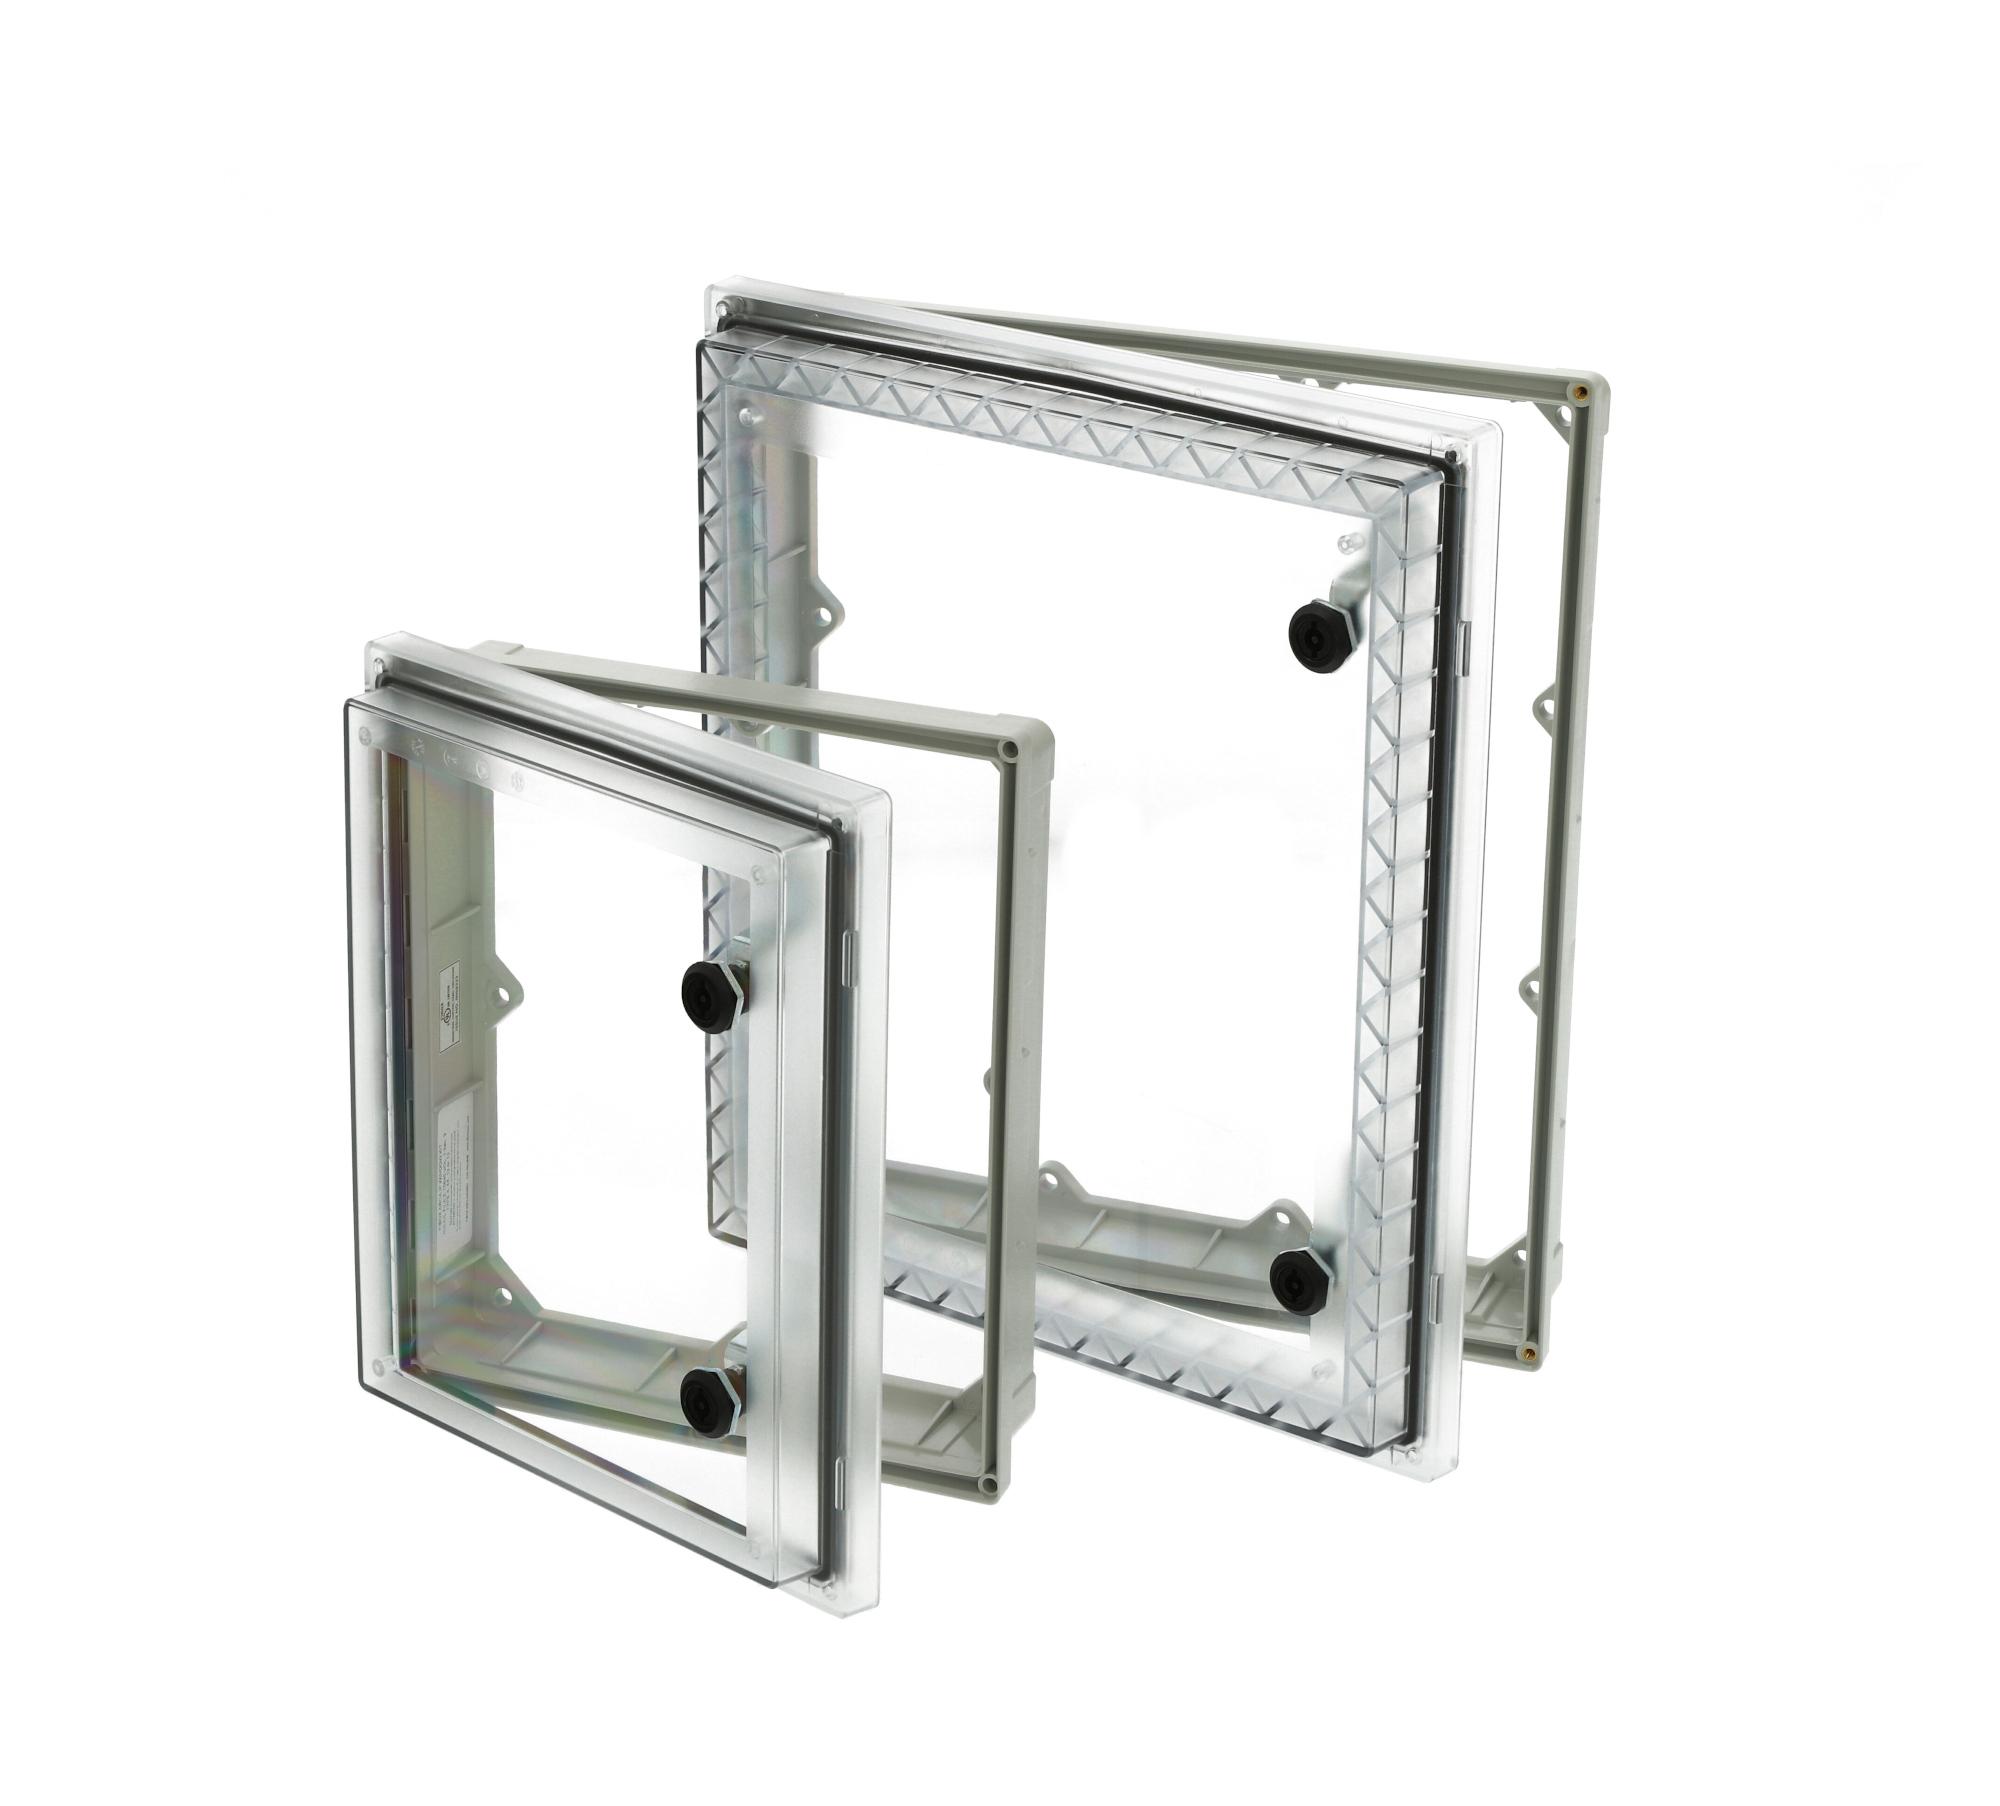 Robuste PW-Schutzfenster für Schaltgehäuse